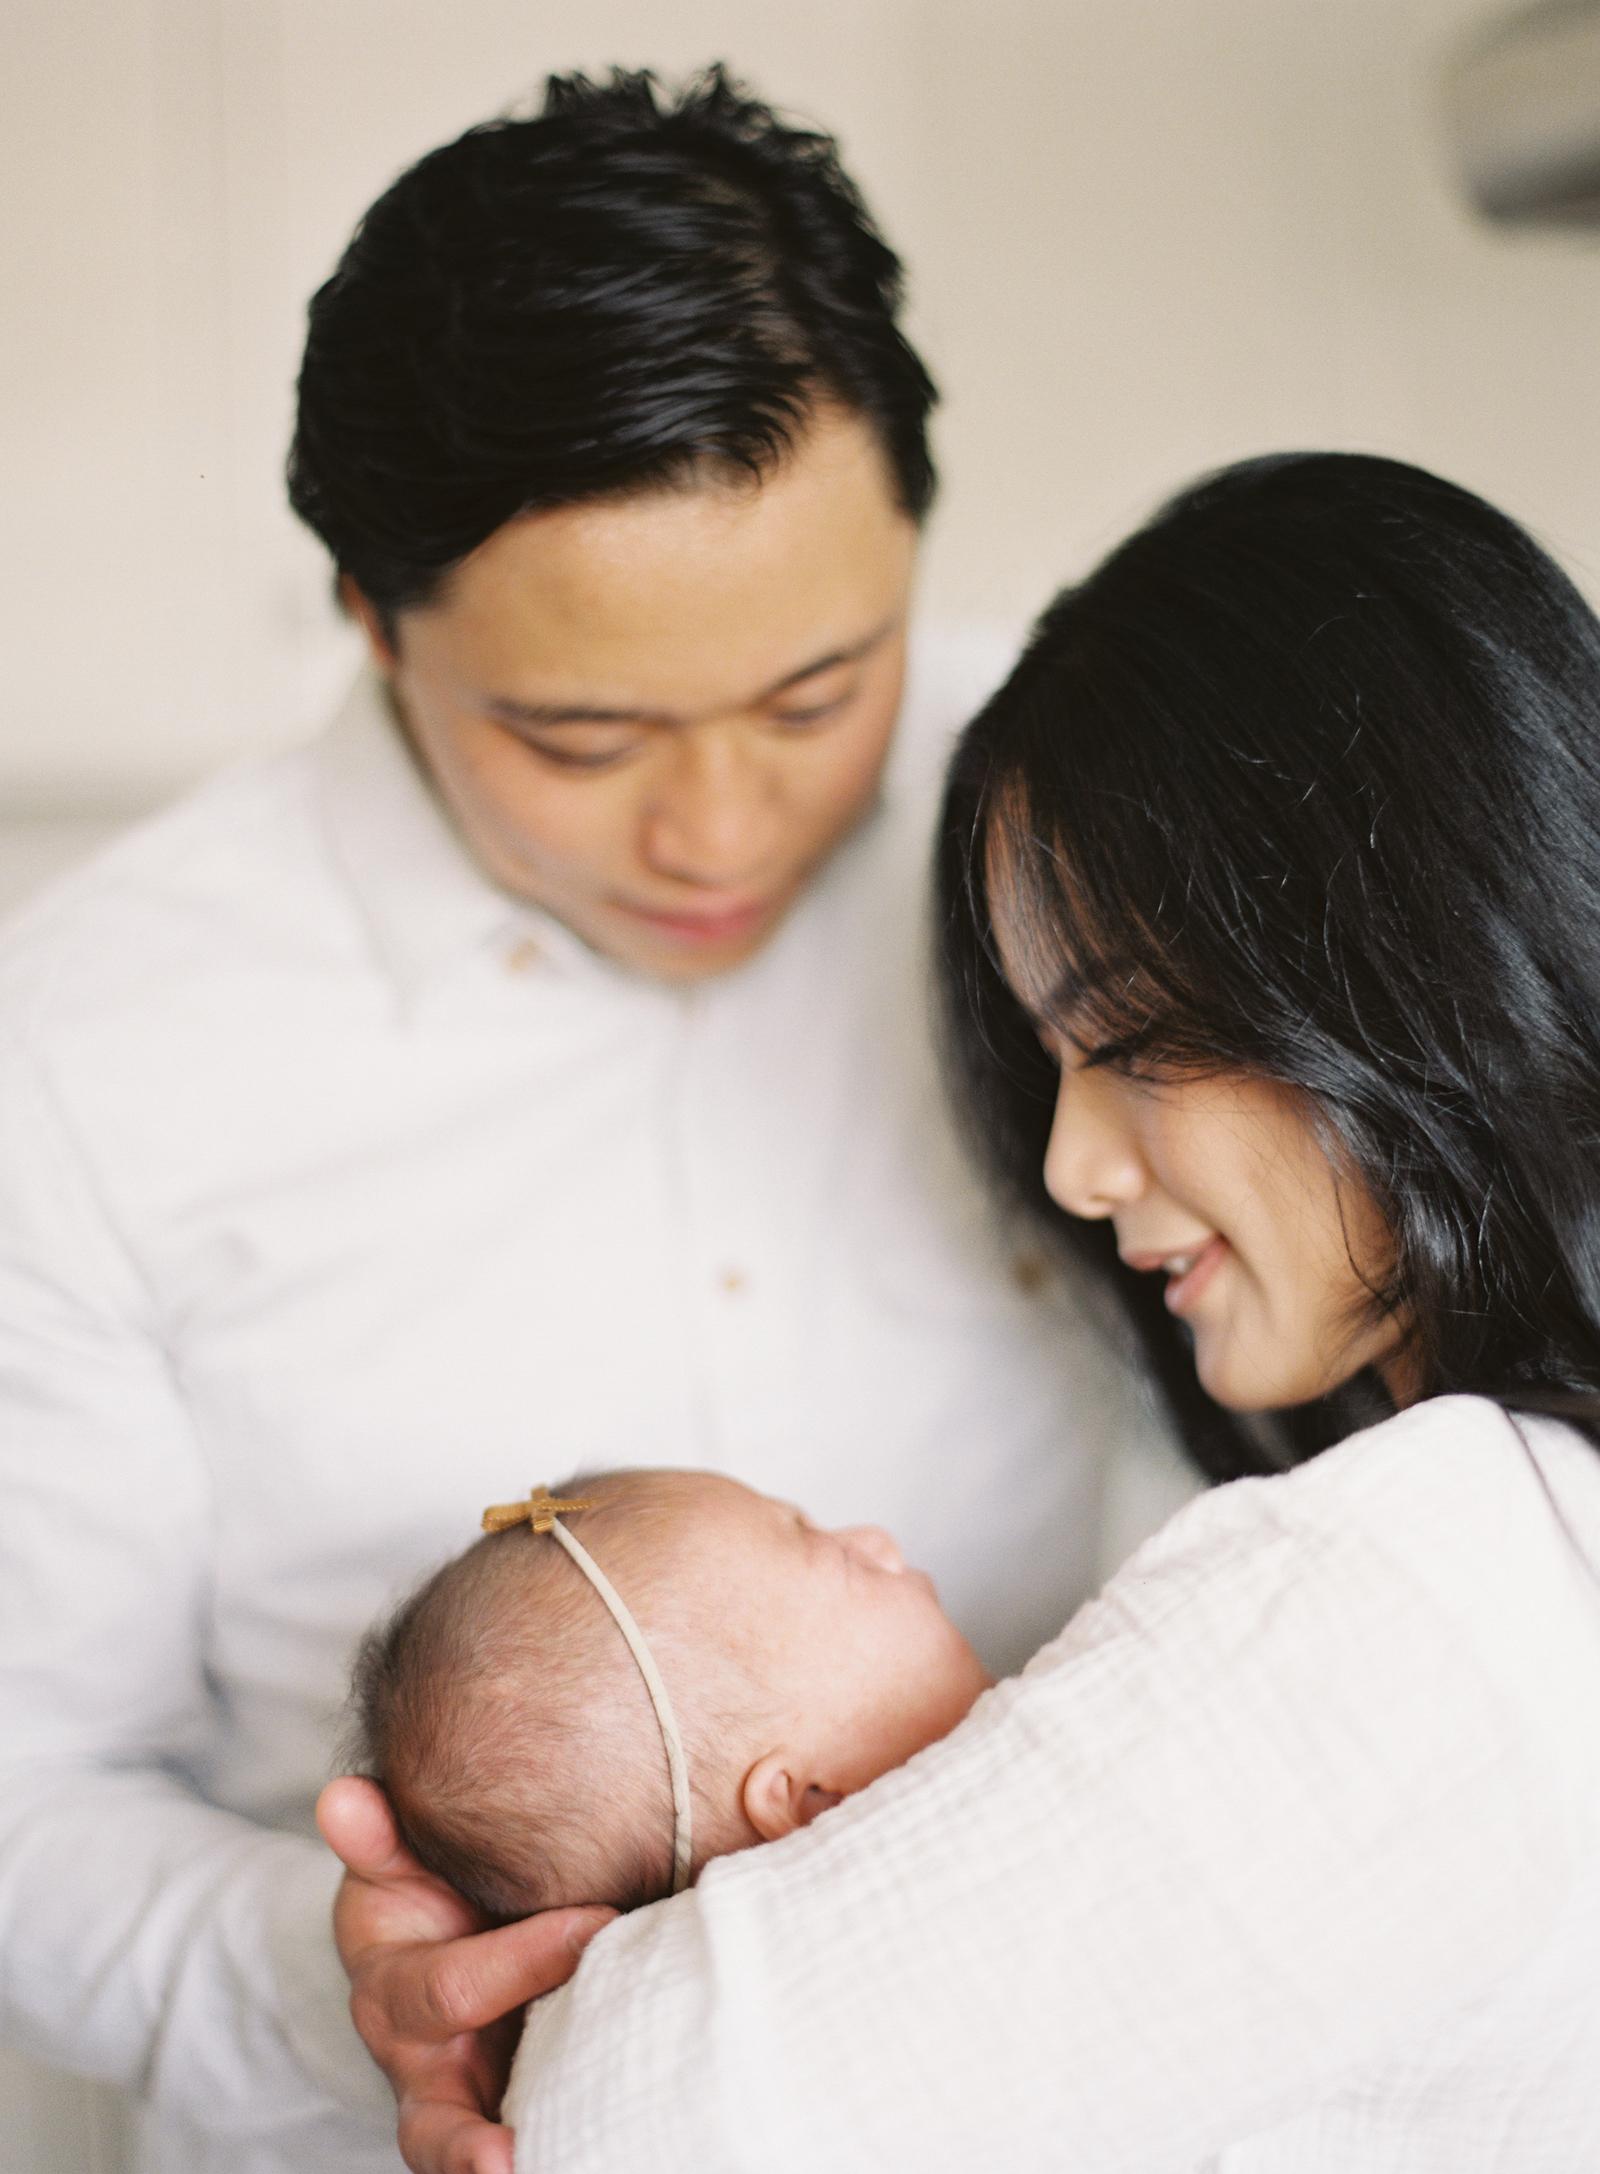 Pasadena_Newborn_Photos-28-Jen_Huang-008854-R1-009.jpg